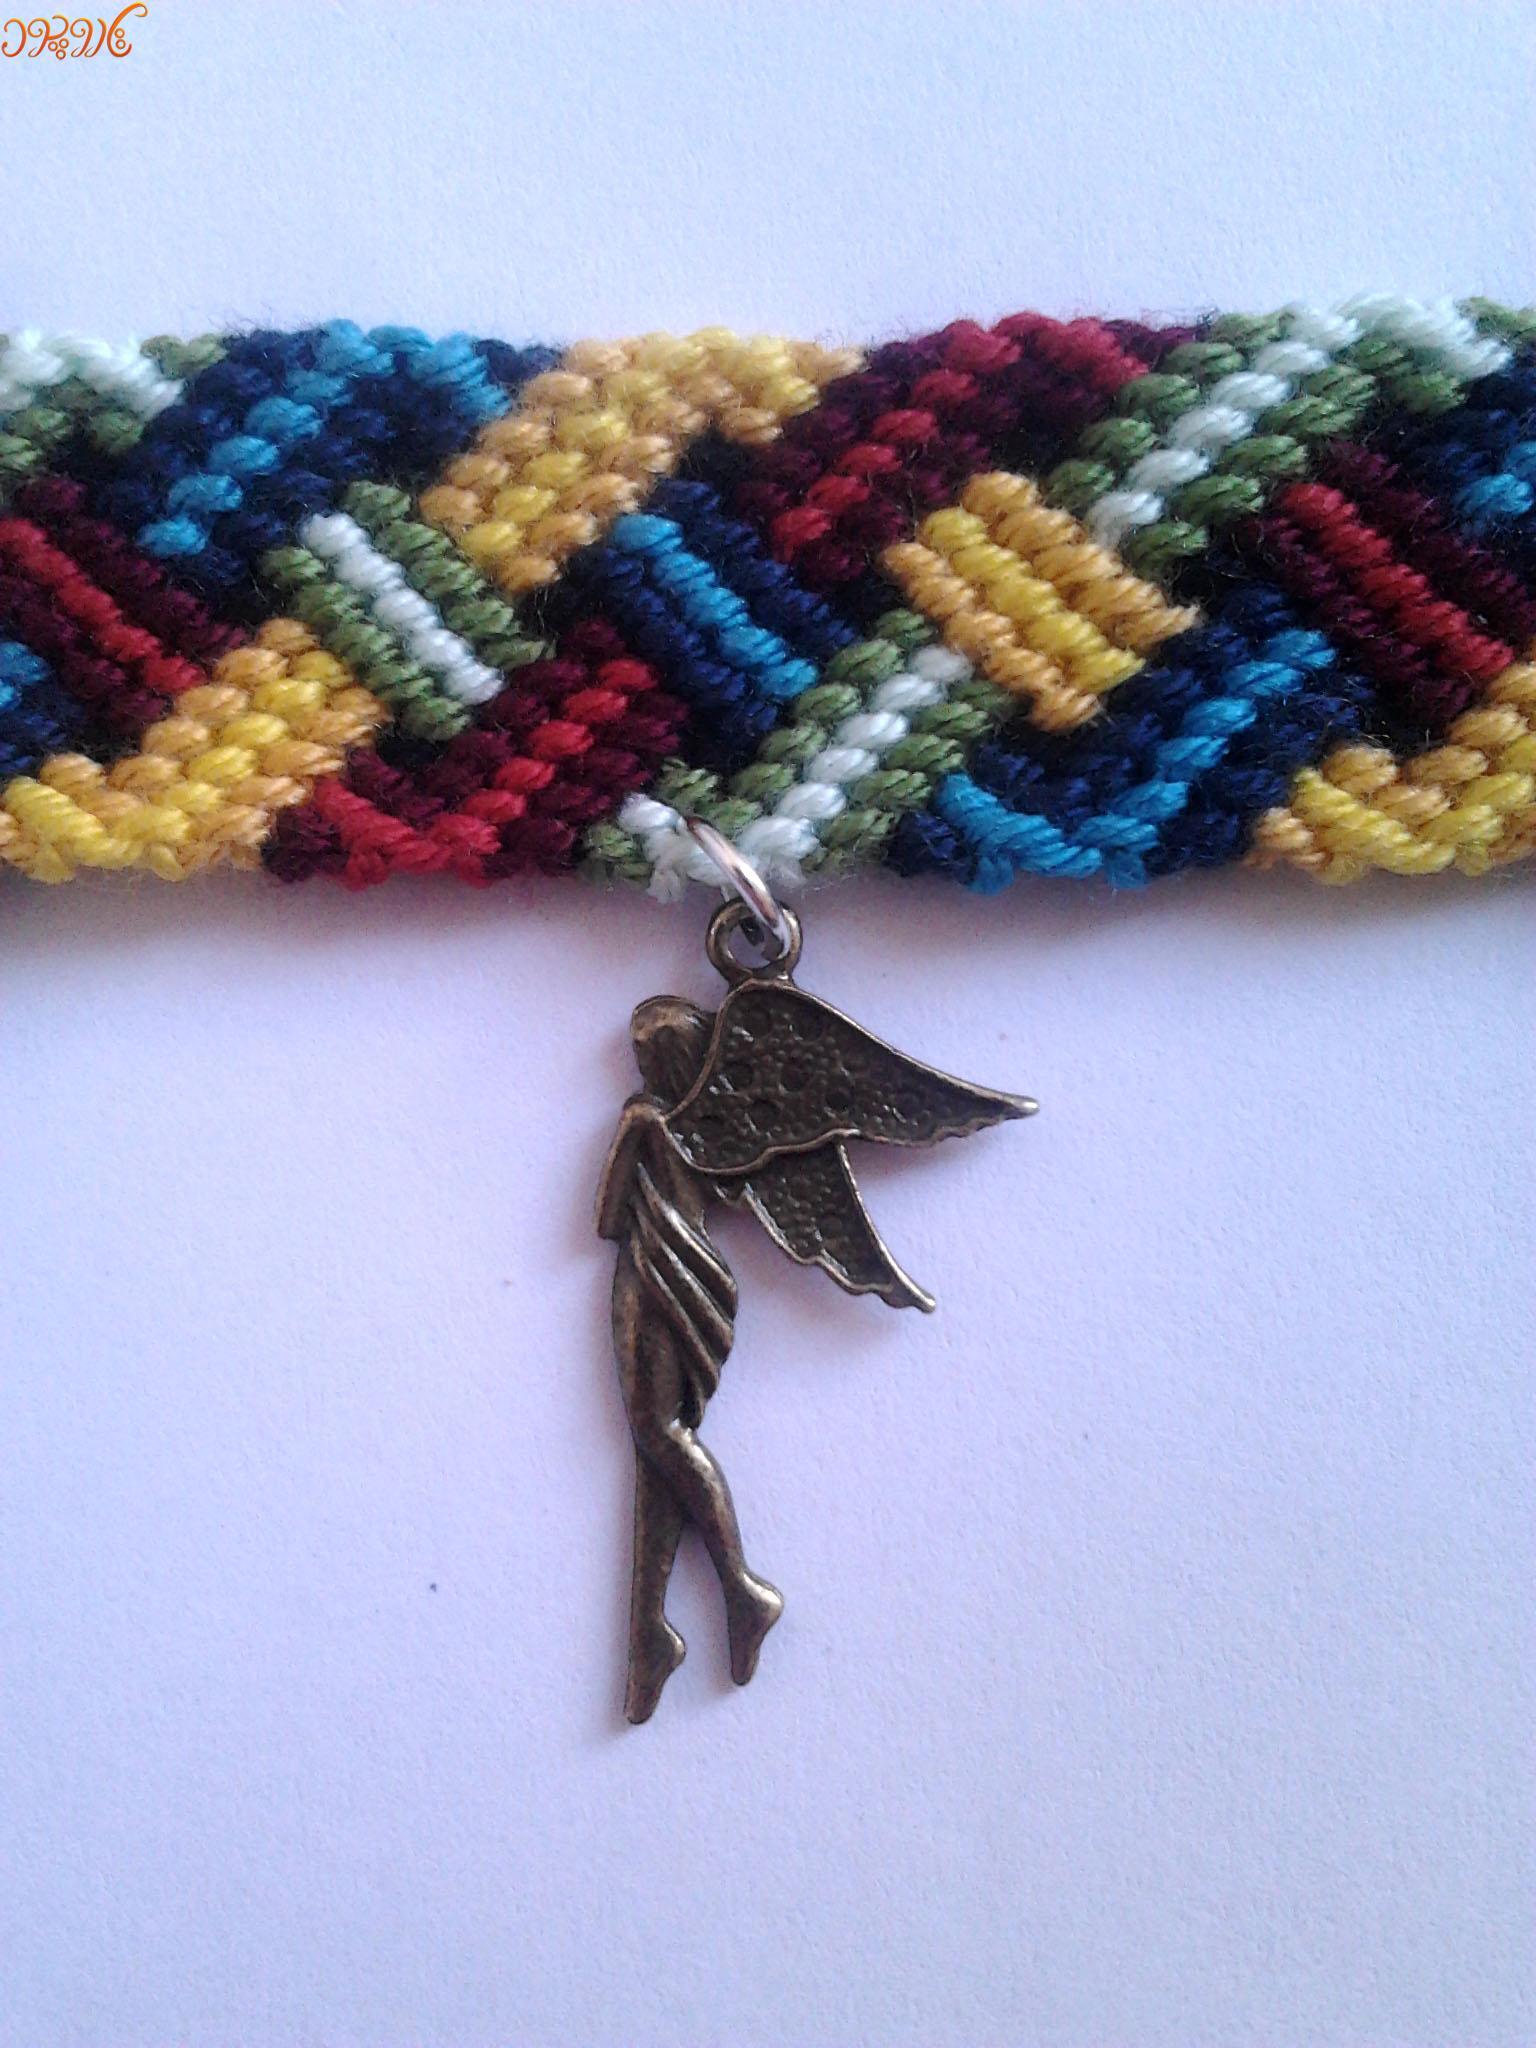 آموزش استفاده از آویزهای زیبا مخصوص دستبند دوستی